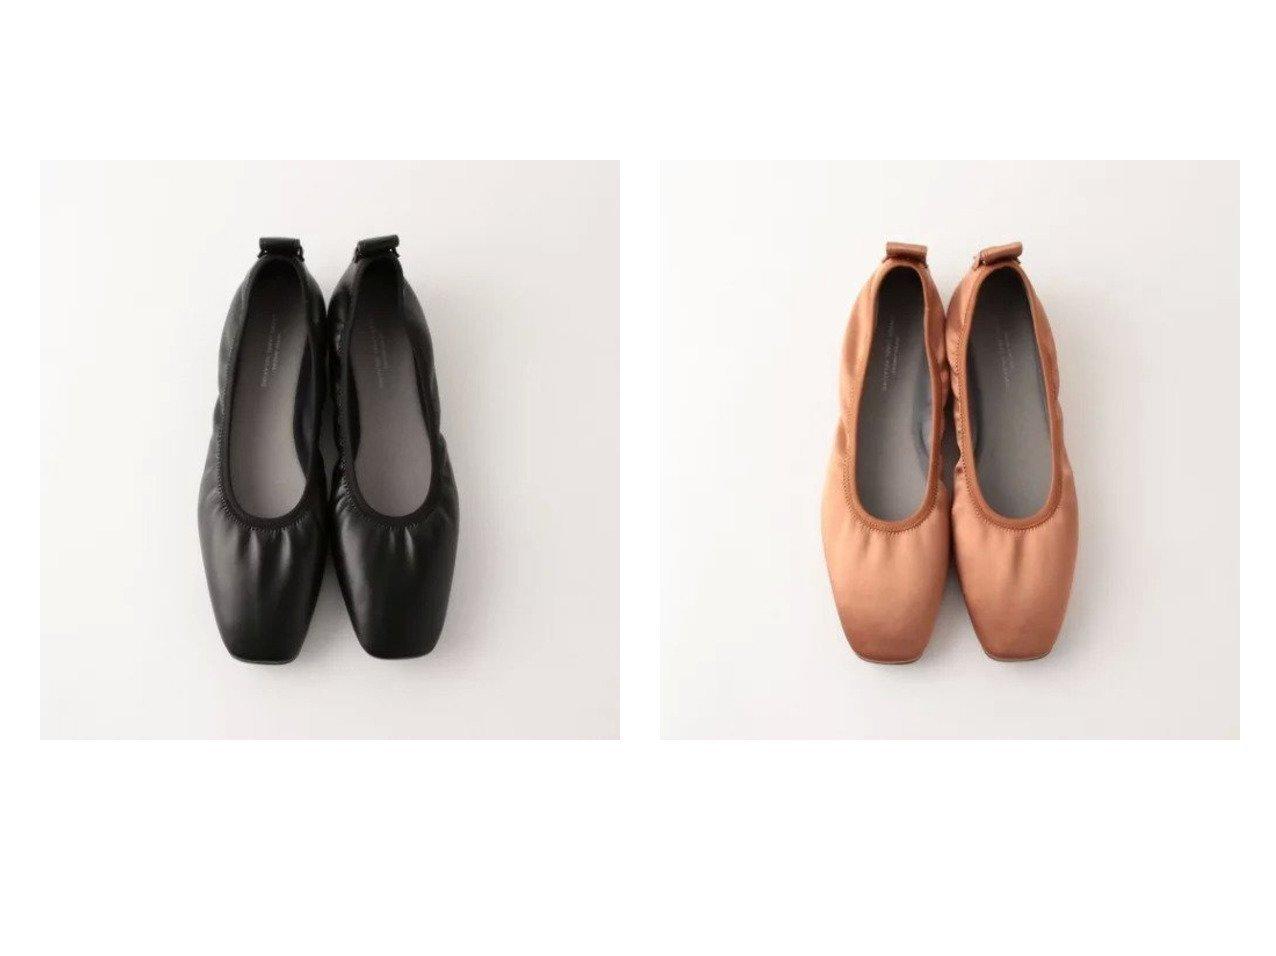 【green label relaxing / UNITED ARROWS/グリーンレーベル リラクシング / ユナイテッドアローズ】のFFC スクエア シャーリング フラット シューズ(1cmヒール) 【シューズ・靴】おすすめ!人気、トレンド・レディースファッションの通販 おすすめで人気の流行・トレンド、ファッションの通販商品 メンズファッション・キッズファッション・インテリア・家具・レディースファッション・服の通販 founy(ファニー) https://founy.com/ ファッション Fashion レディースファッション WOMEN 春 Spring サテン シャーリング シューズ スクエア セットアップ トレンド フィット フラット ベーシック おすすめ Recommend  ID:crp329100000025460